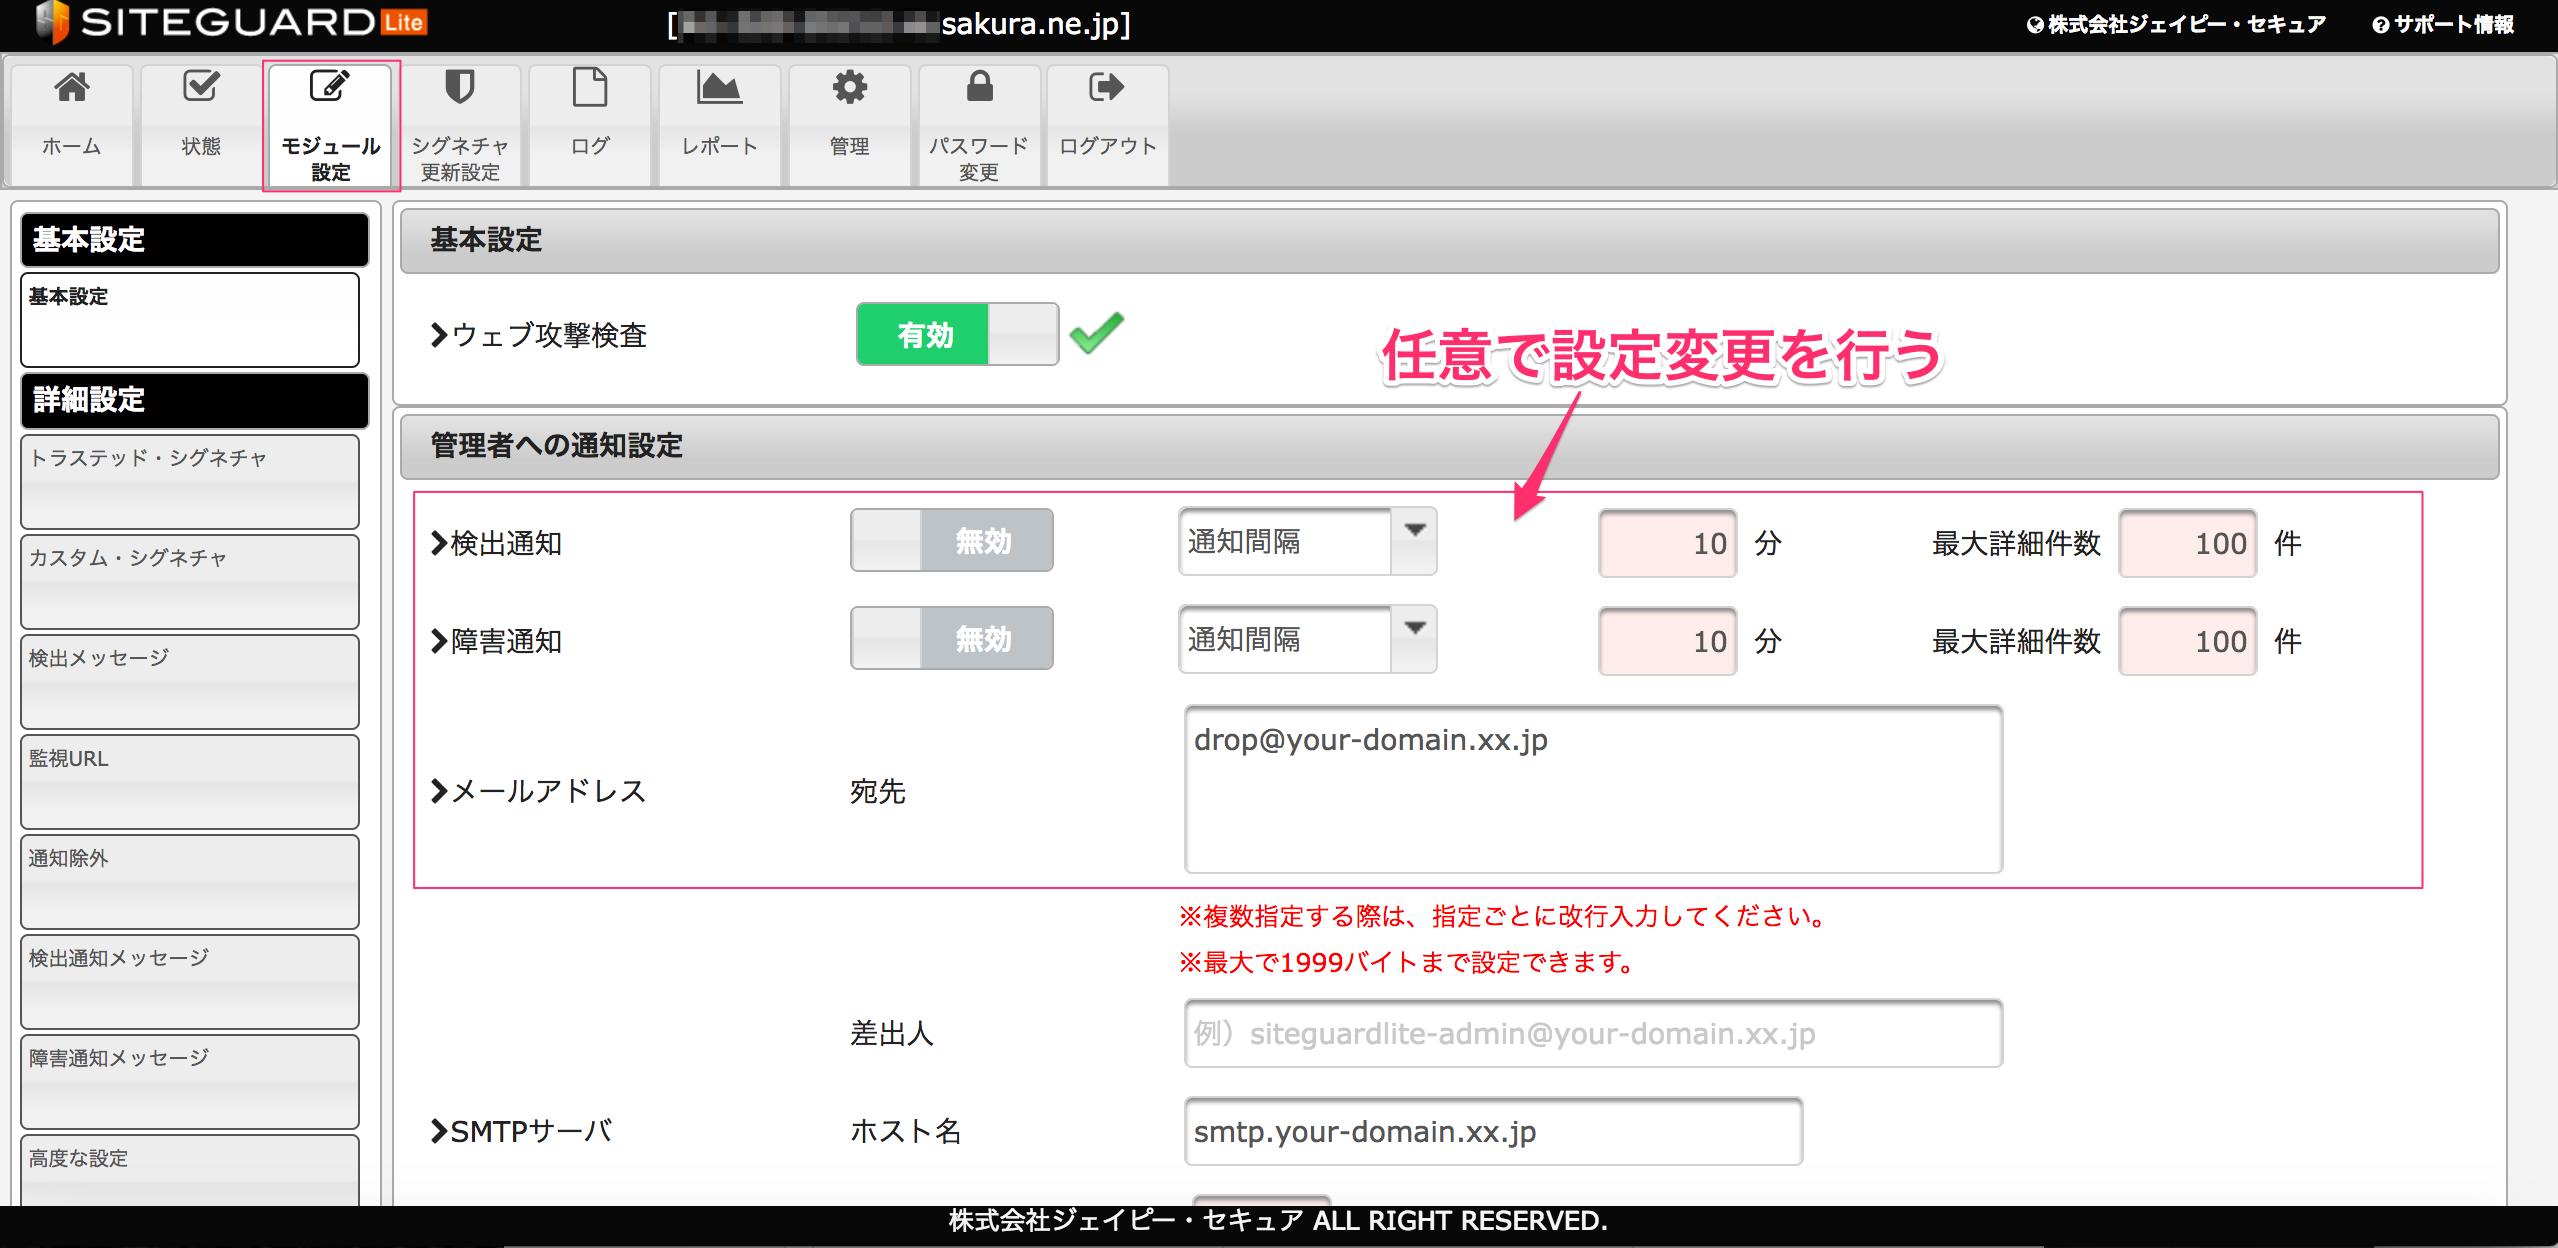 sakuravps_siteguardlite_webfirewall__setup_method_3_2